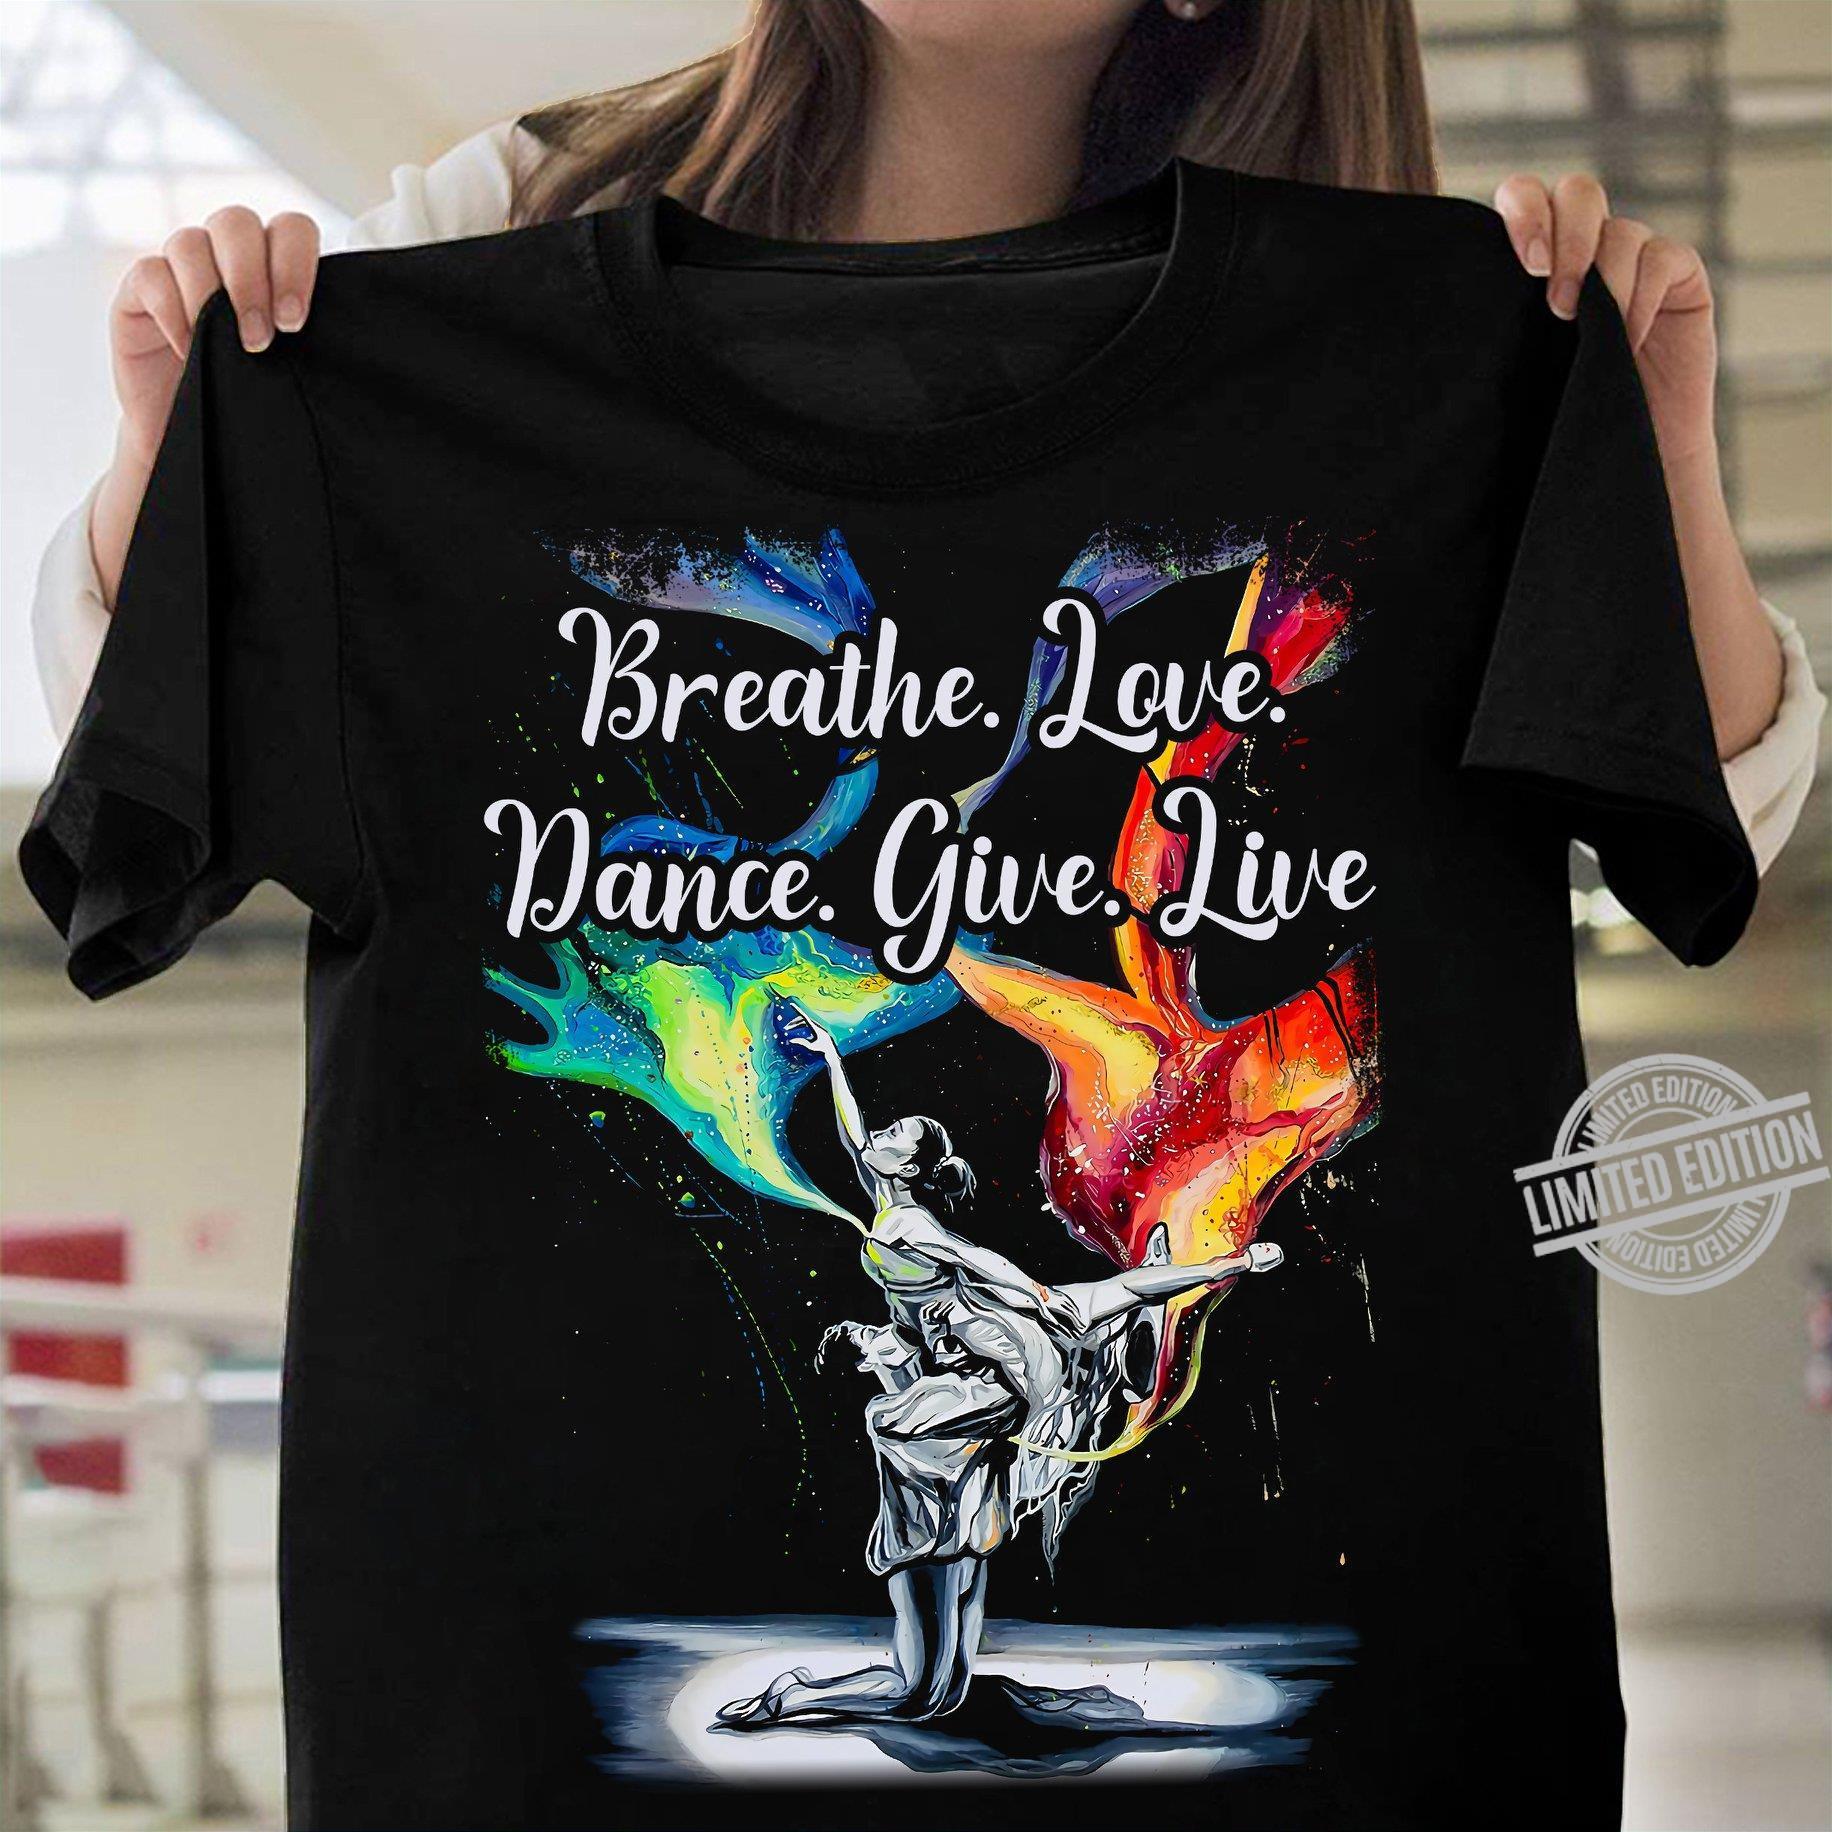 Breathe Love Dance give Live Shirt